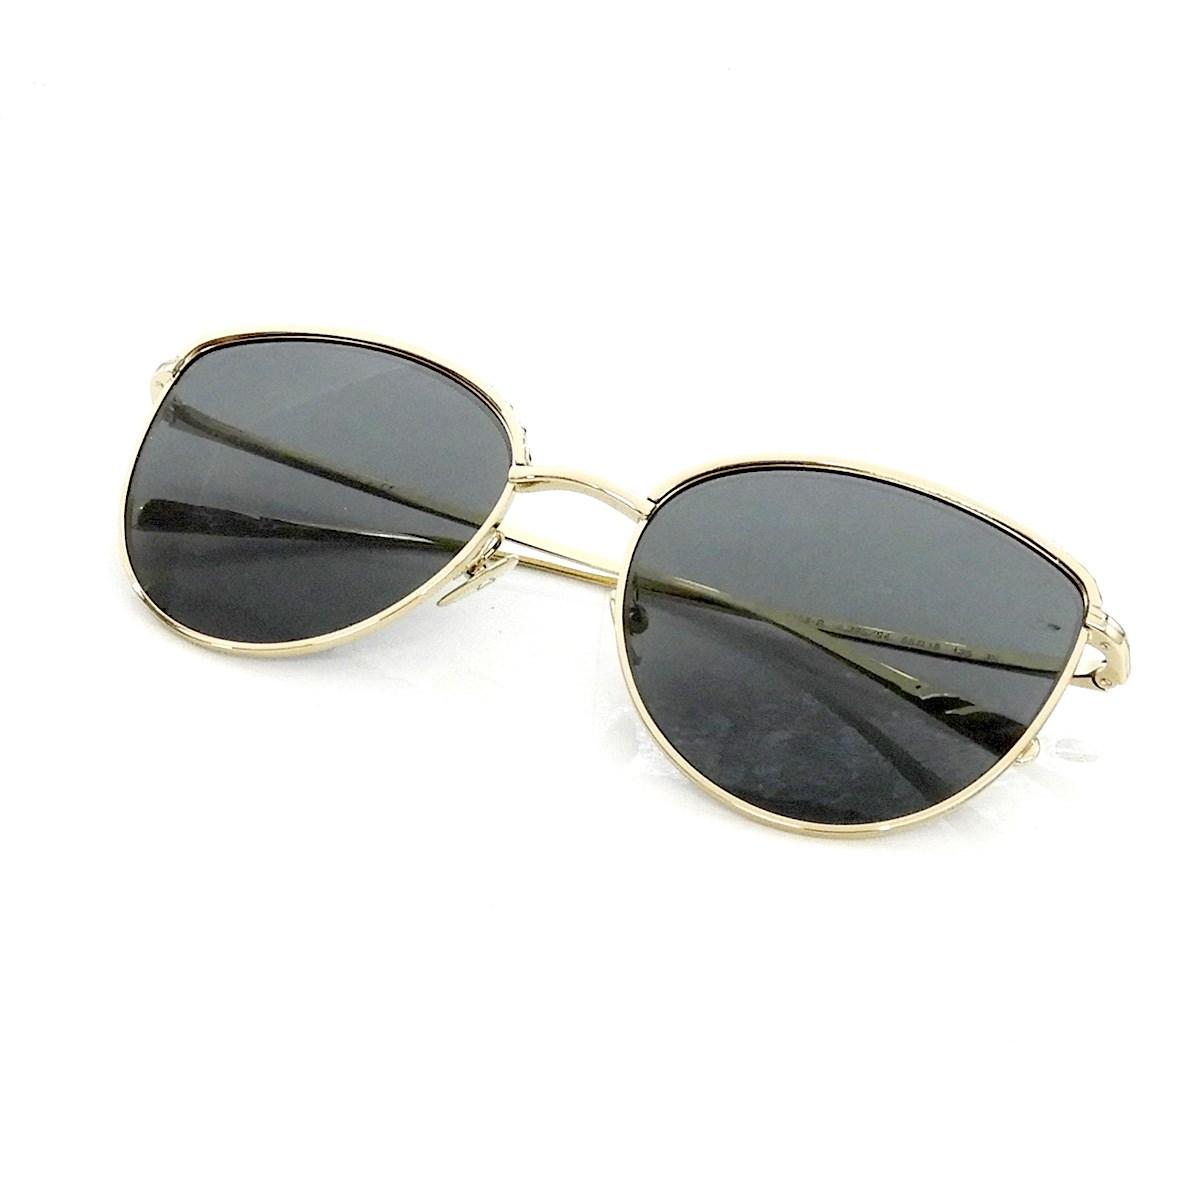 【中古】CHANEL 「パンドシェイプ アイウェア」サングラス 4258-B ゴールド×ブラック 【300320】(シャネル)